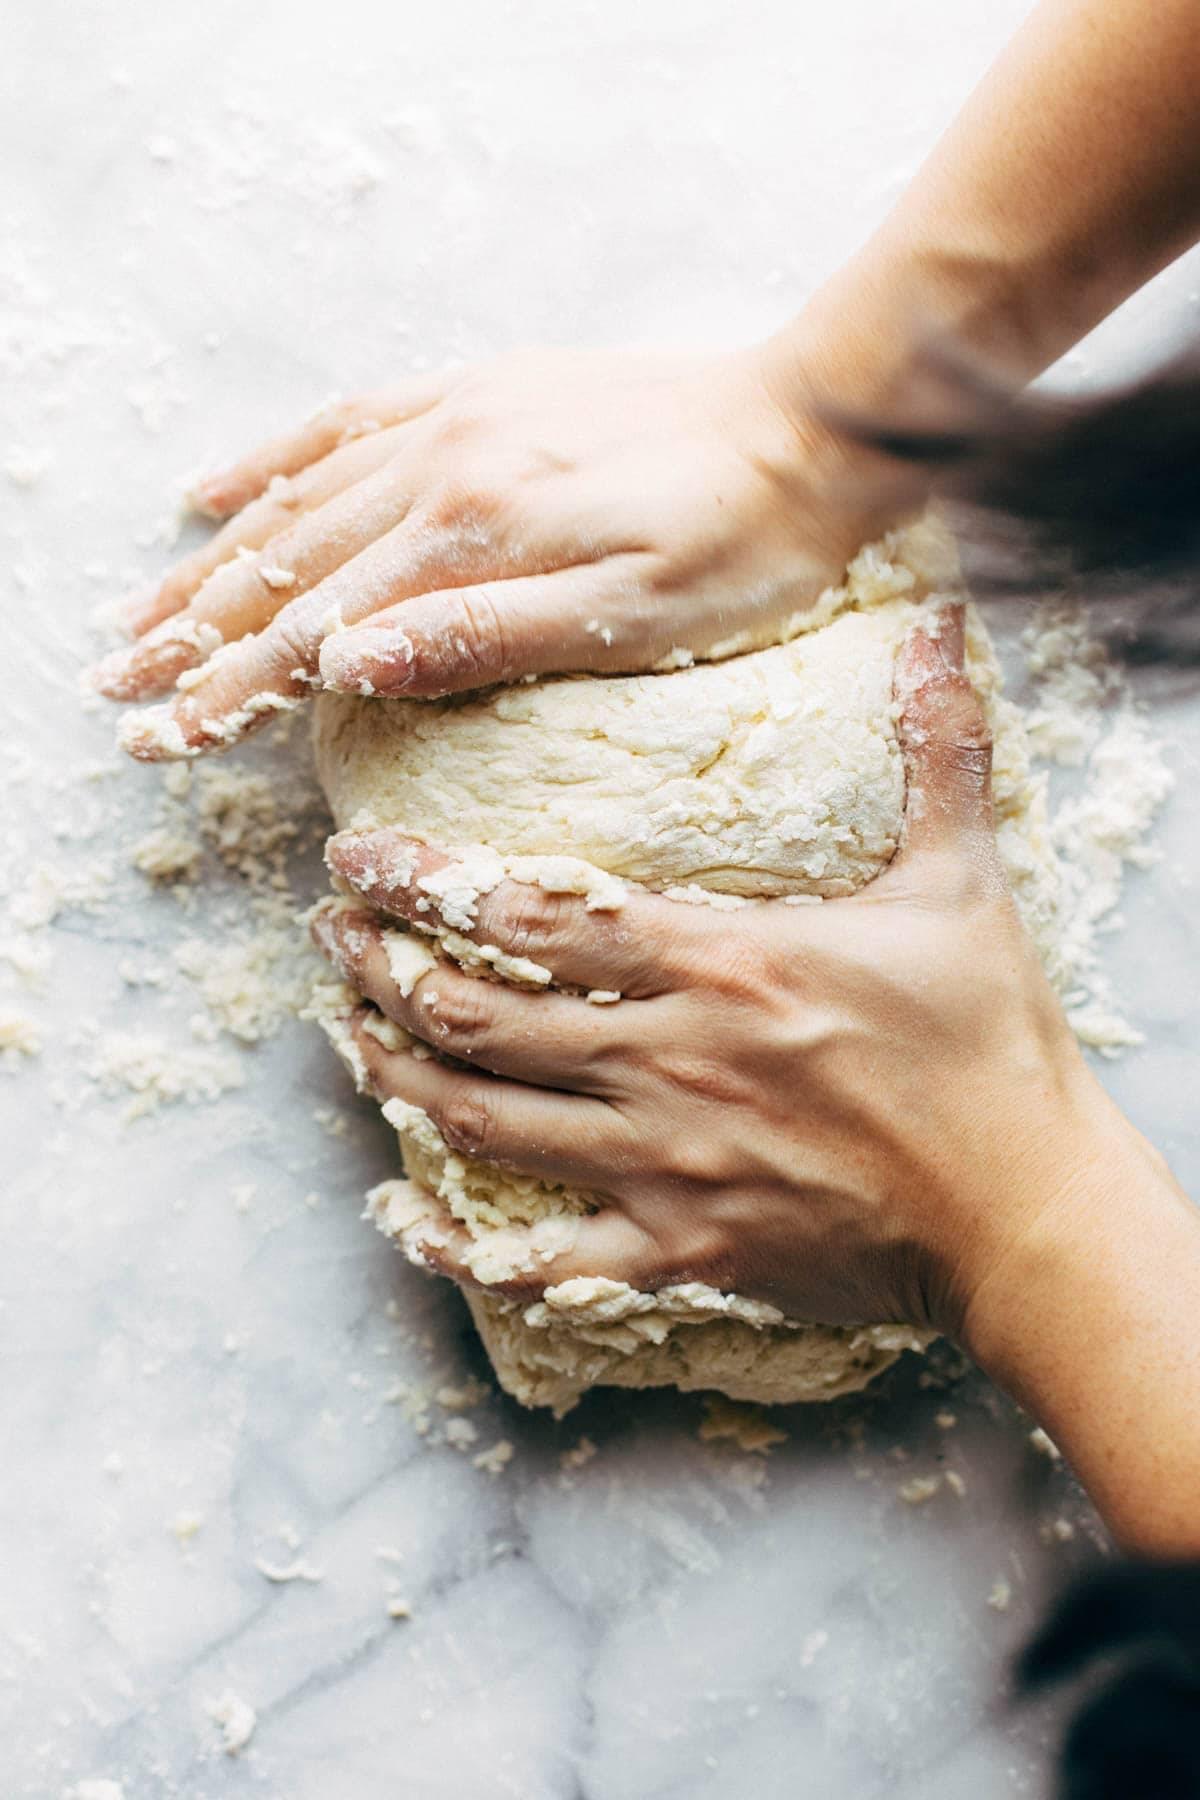 Hands kneading gnocchi dough.